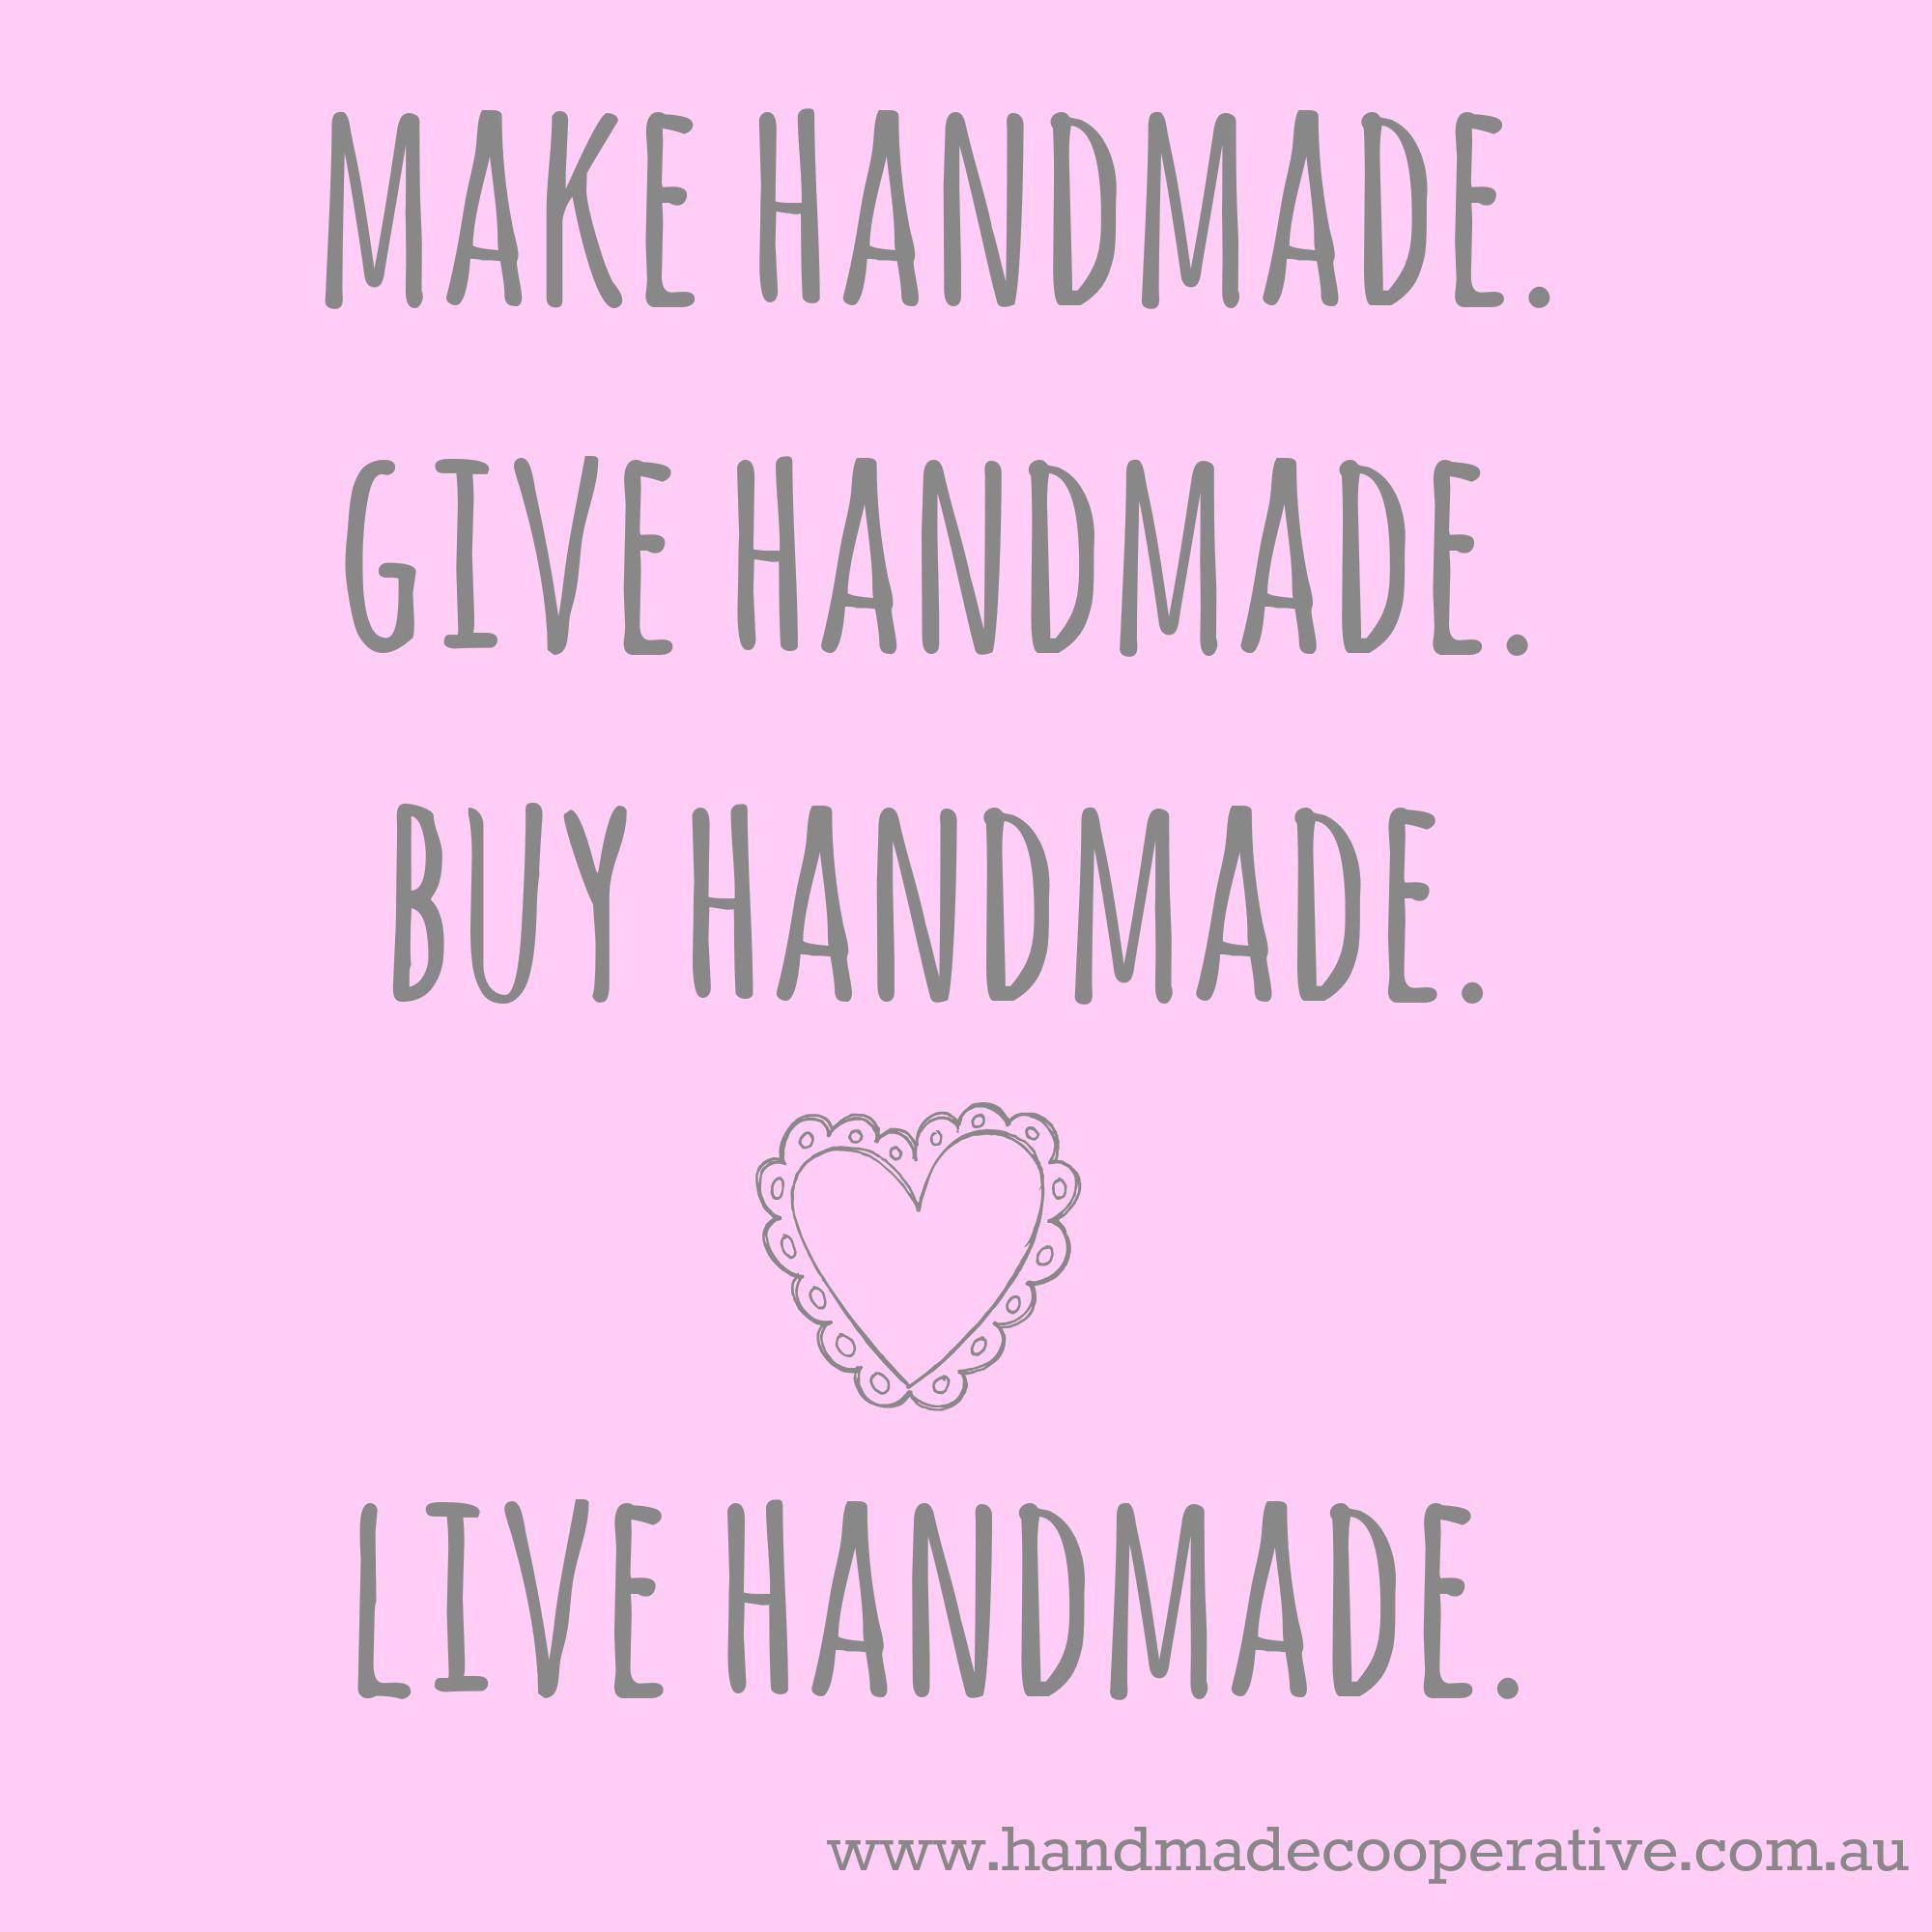 Make Handmade Give Handmade Buy Handmade Live Handmade Quote